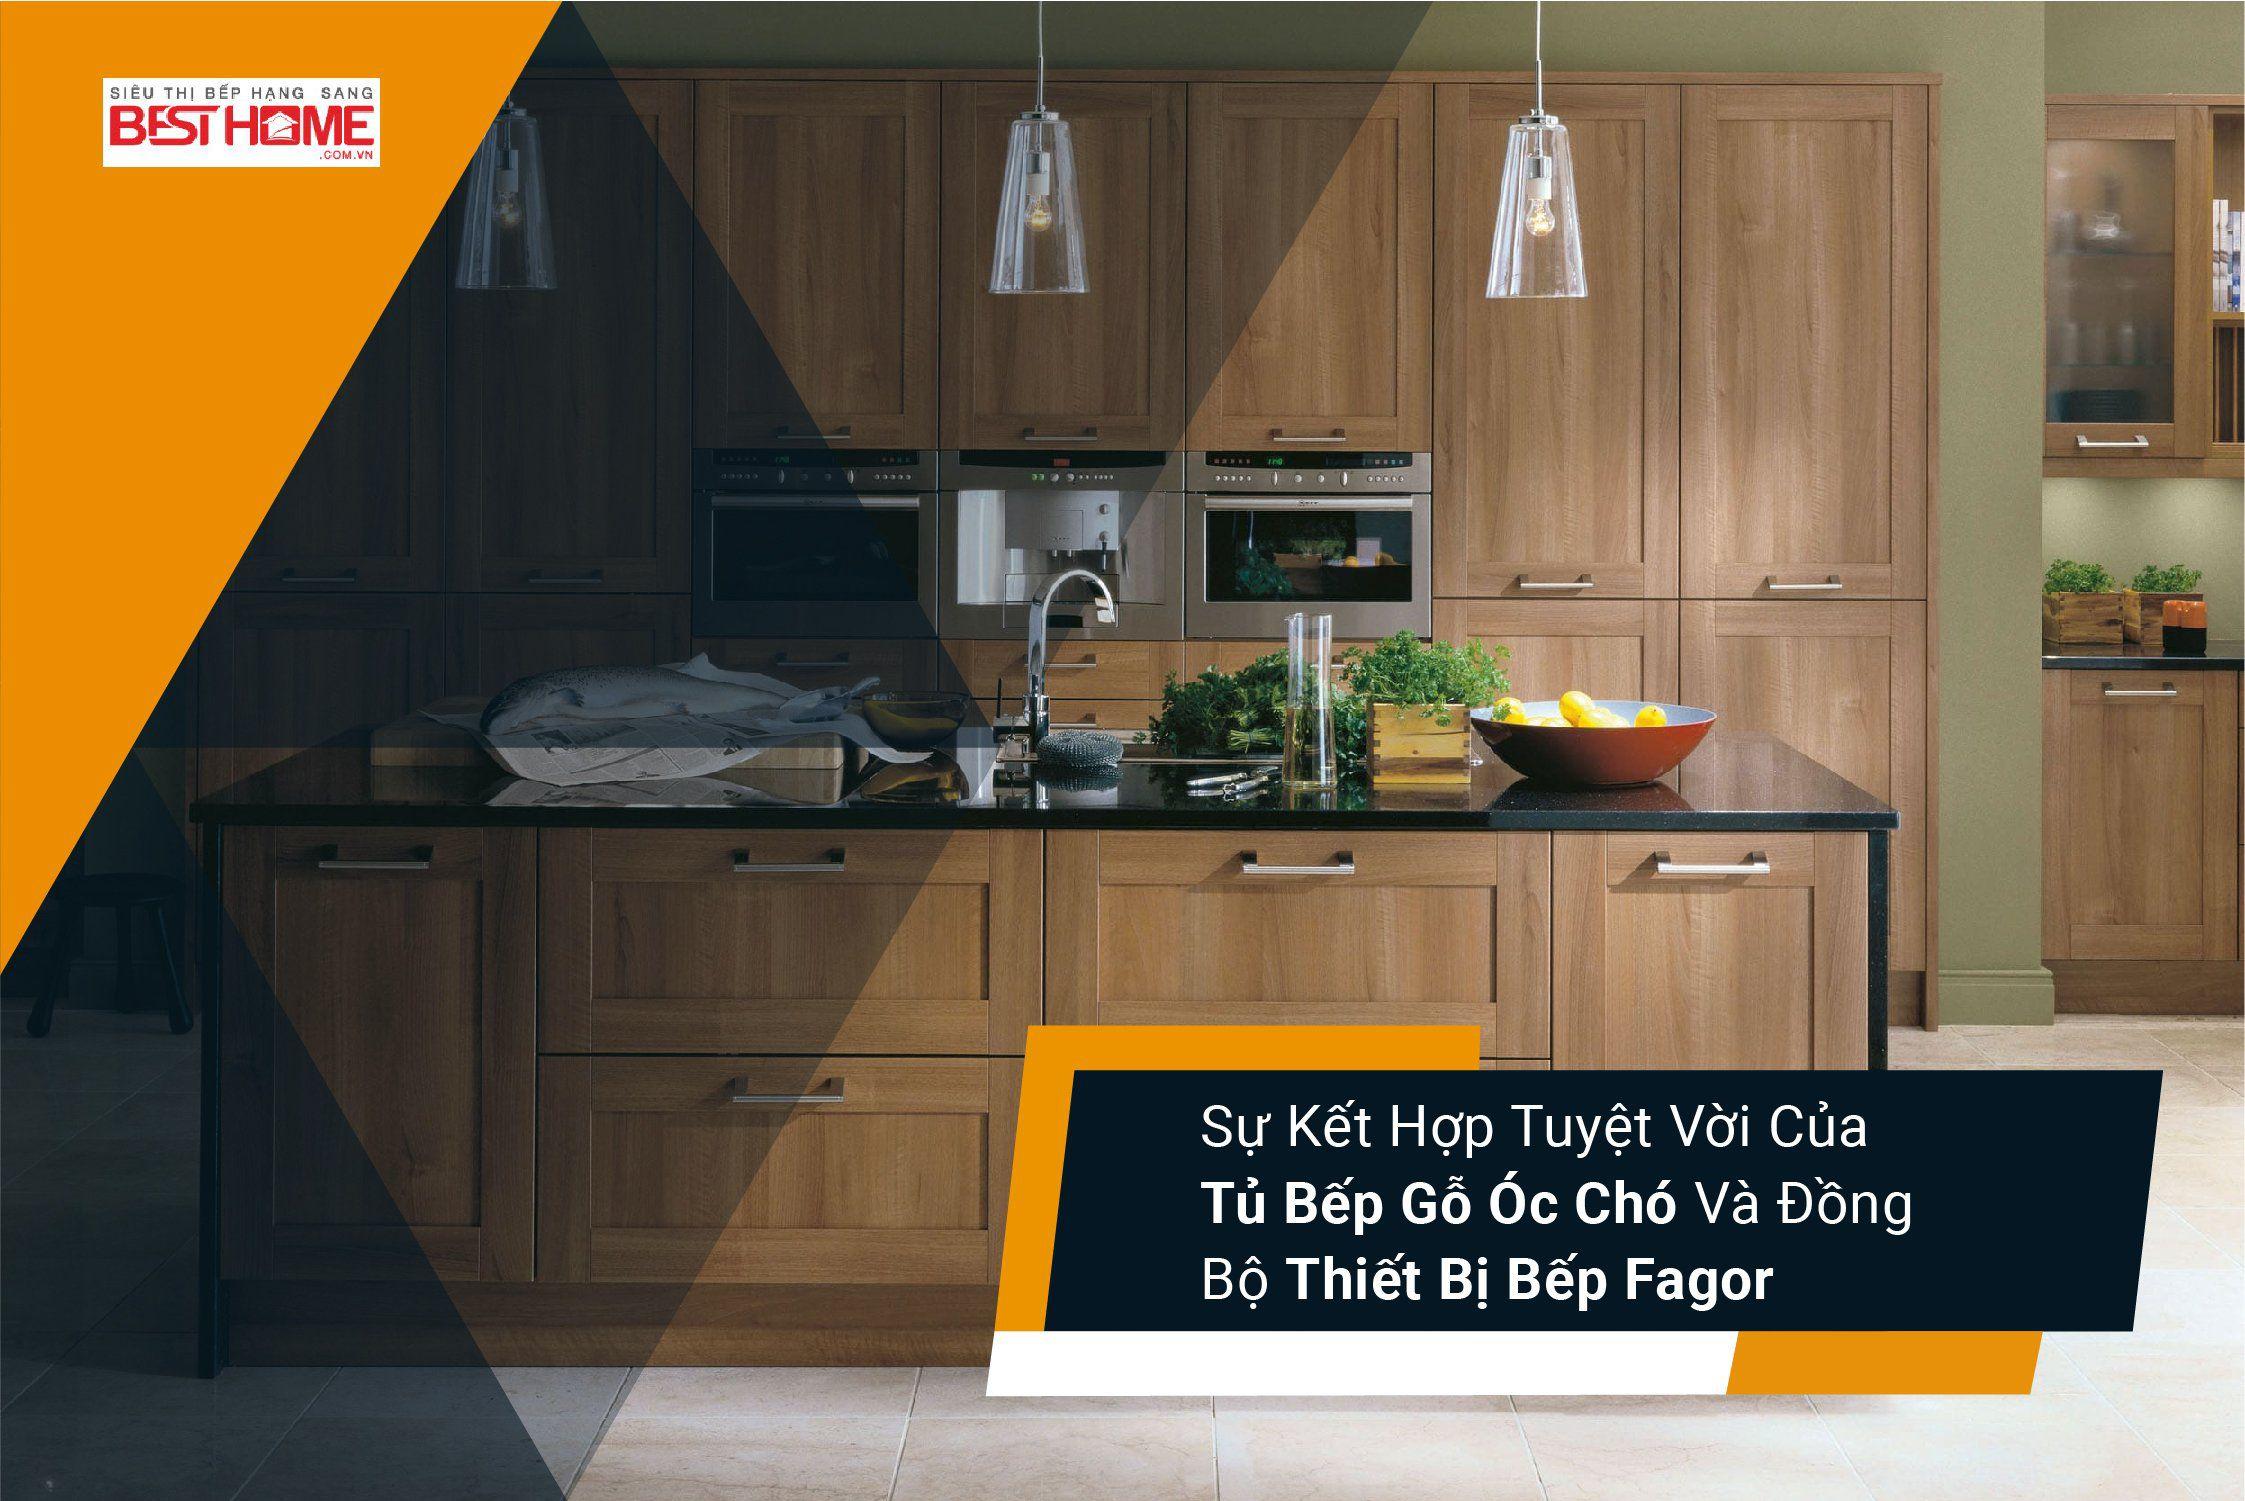 Sự kết hợp Tuyệt vời của tủ bếp gỗ Óc Chó và đồng bộ thiết bị bếp Fagor